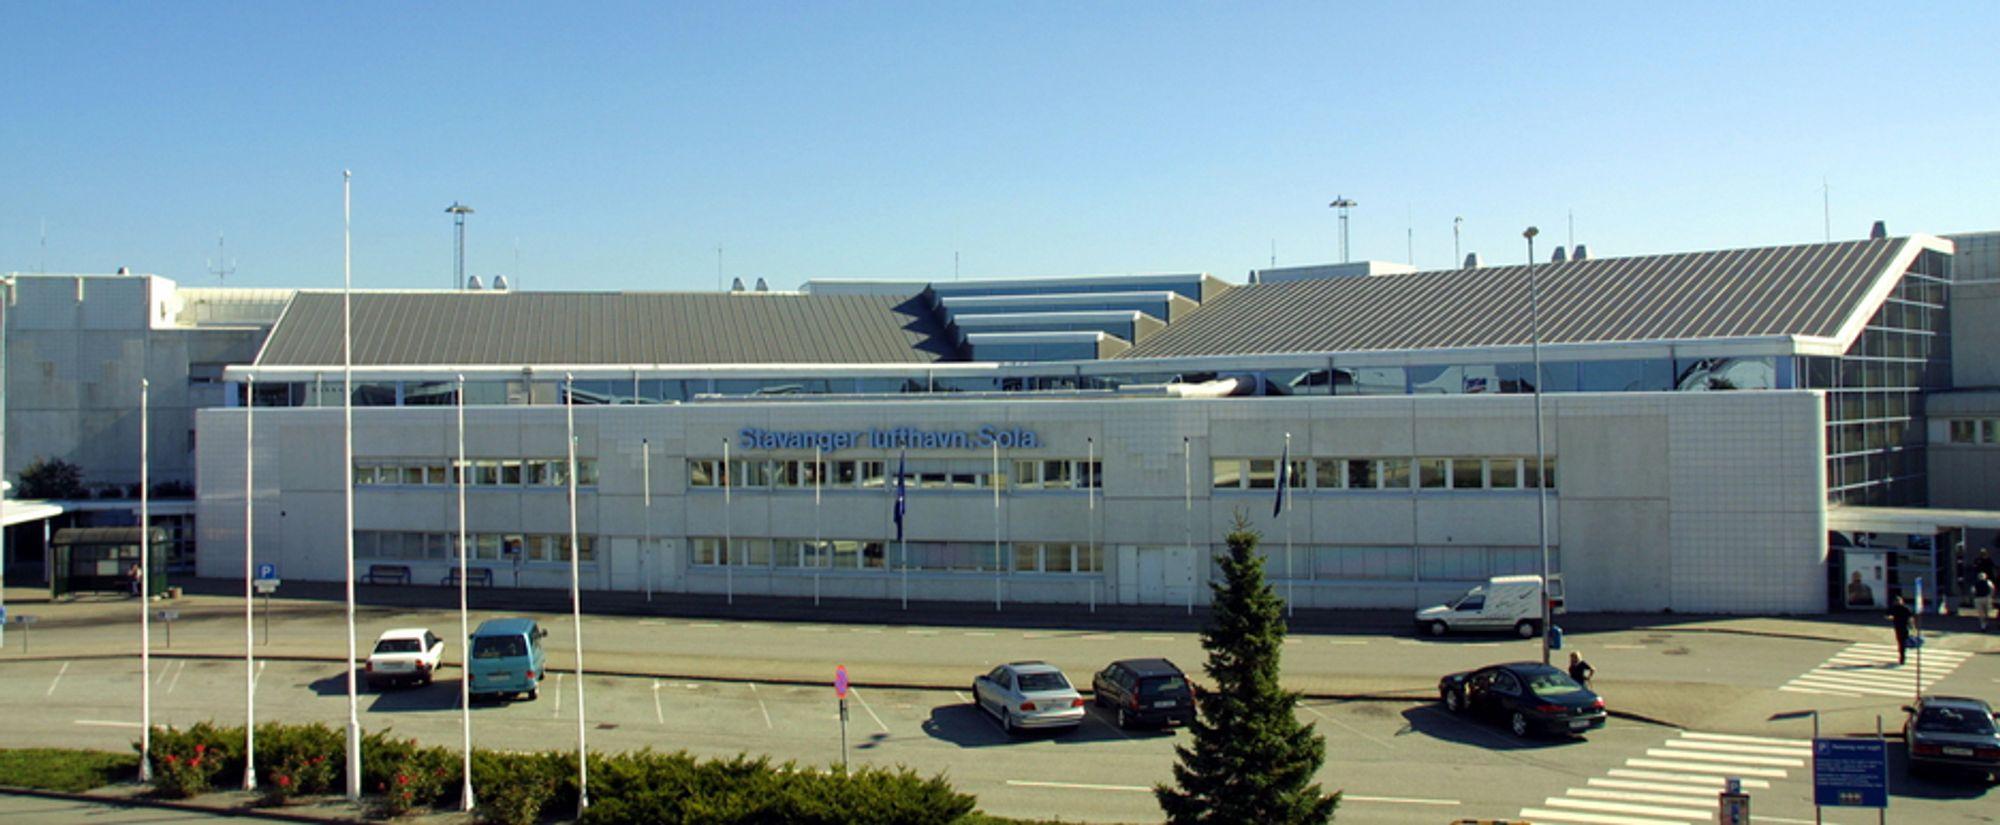 Stavanger lufthavn Sola ble stengt tirsdag morgen.